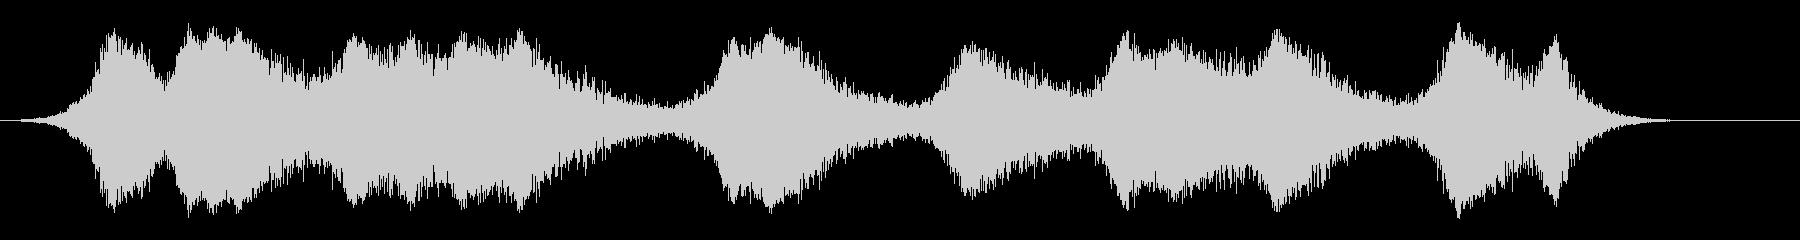 インディライツカー;トンネル内(1...の未再生の波形